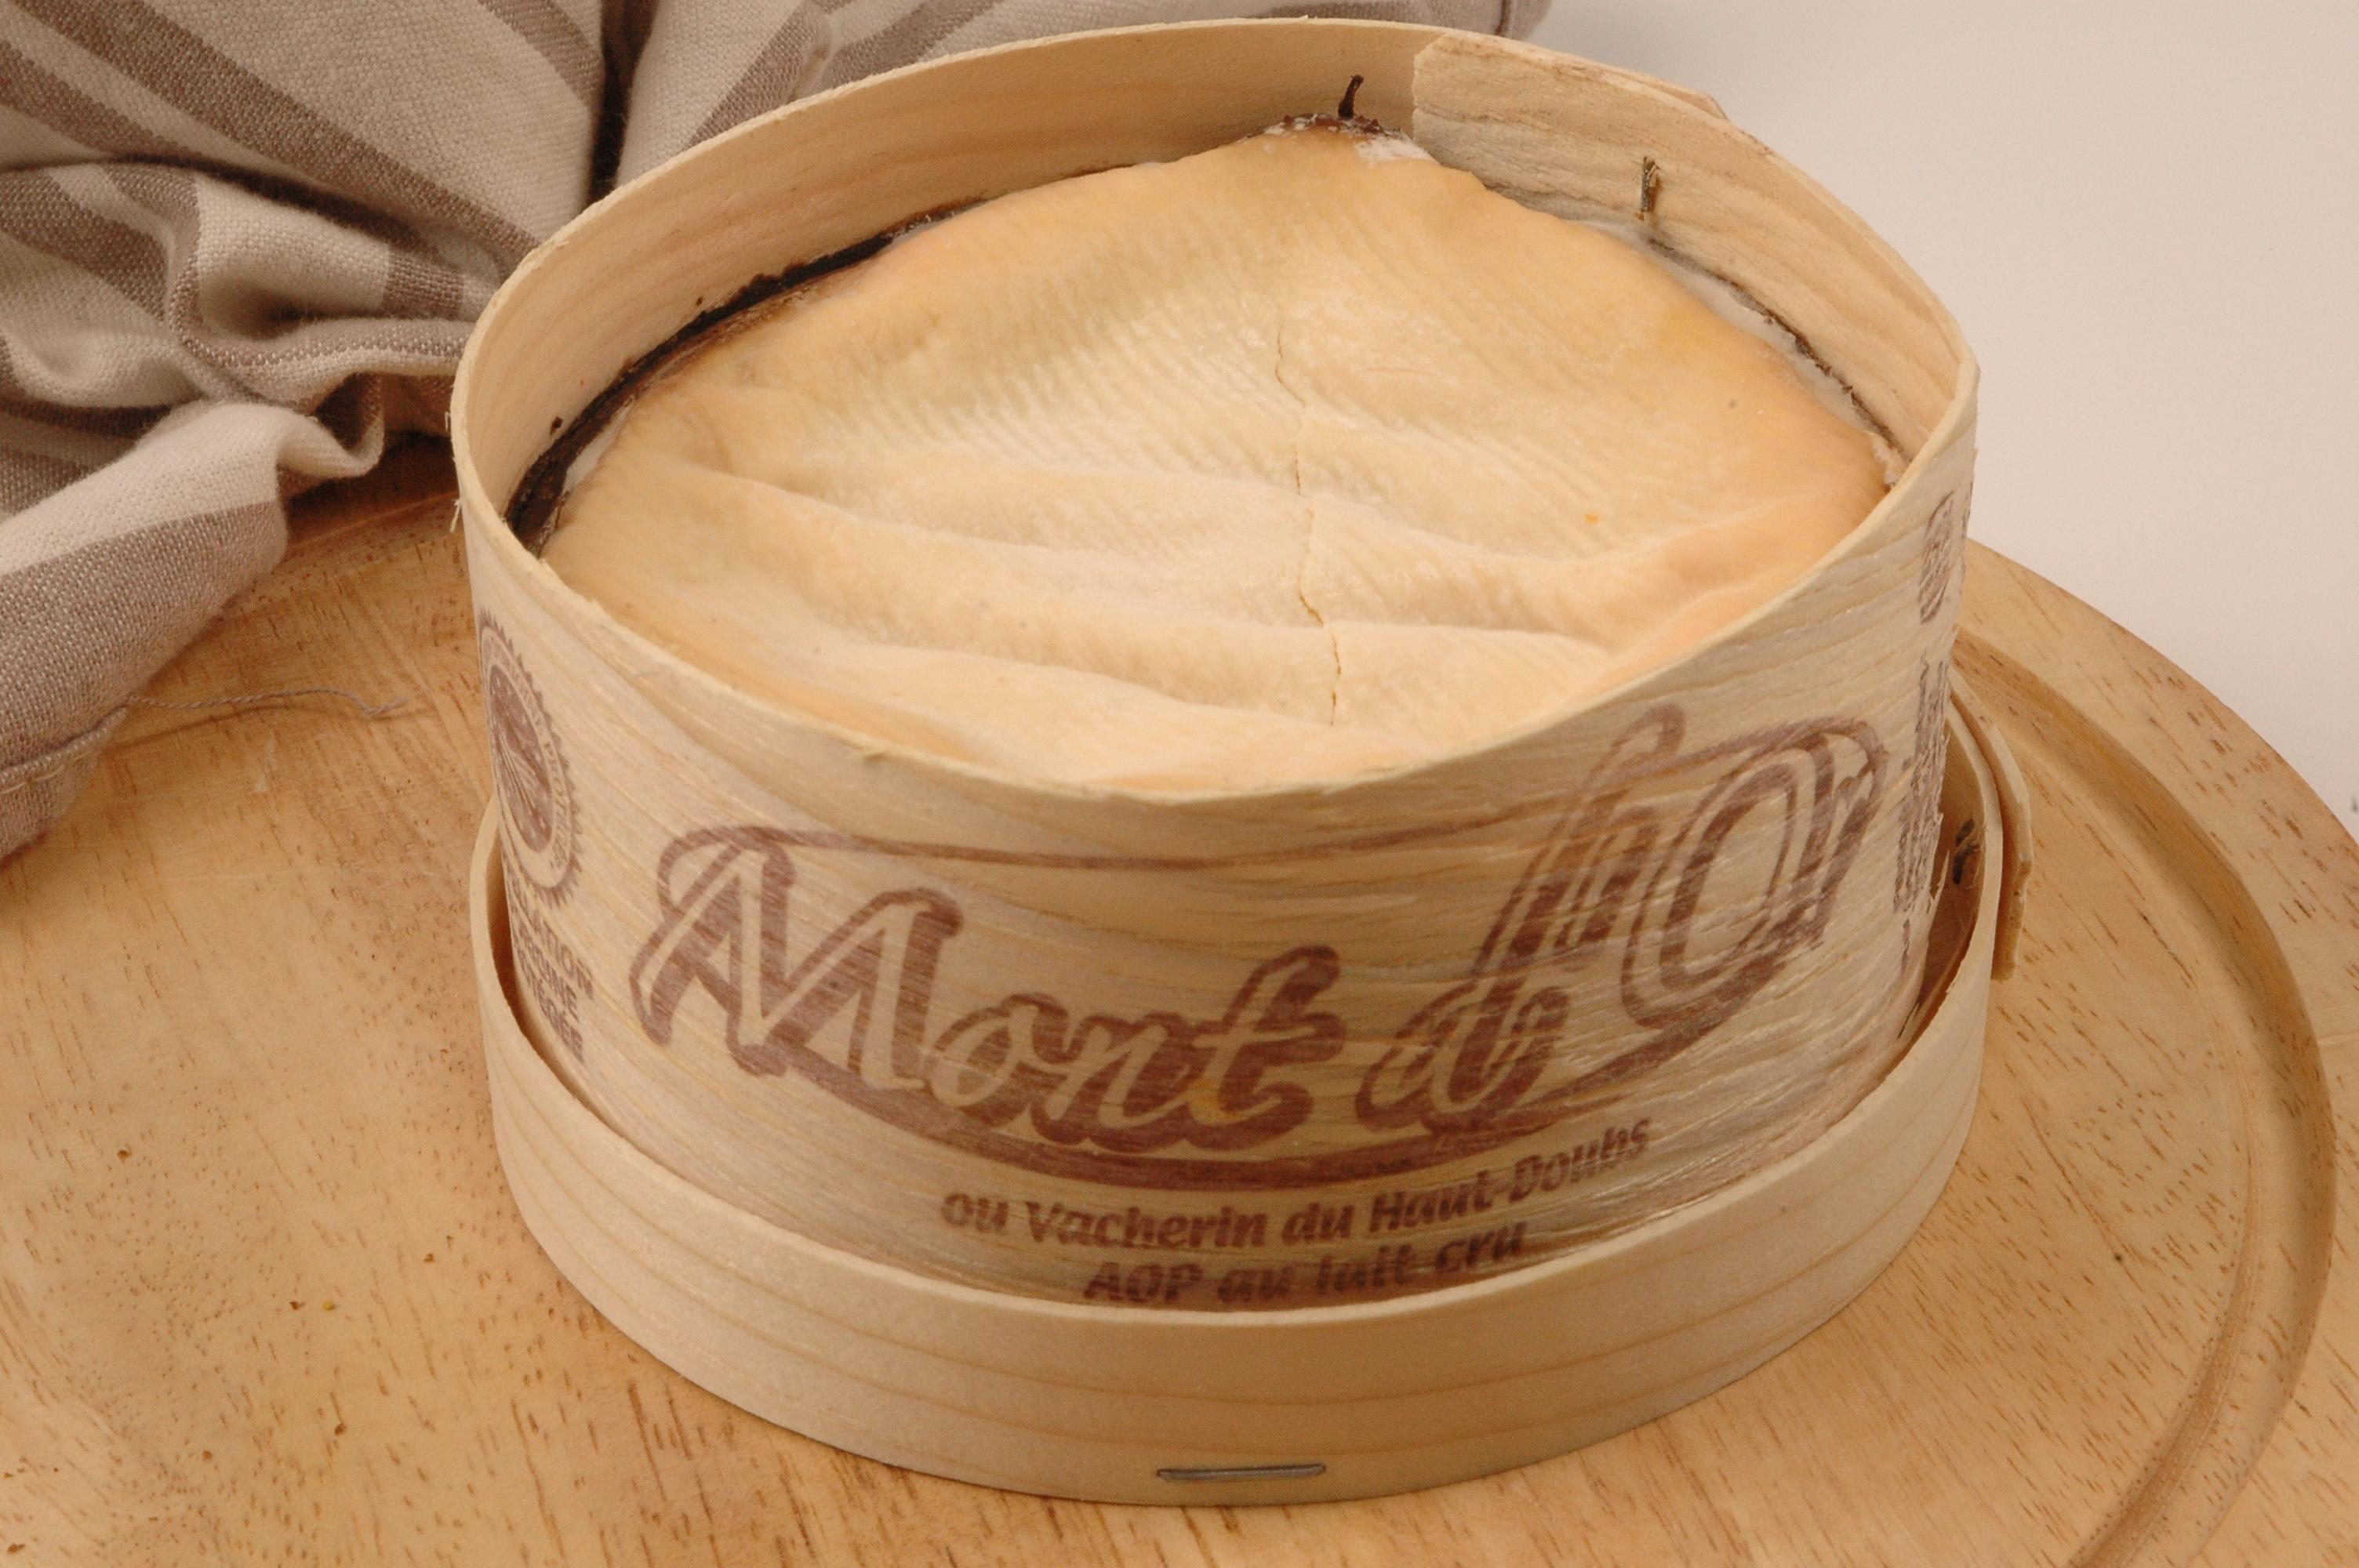 avoir une boite en bois est une n cessit pour certains fromages la cr merie royale vous. Black Bedroom Furniture Sets. Home Design Ideas